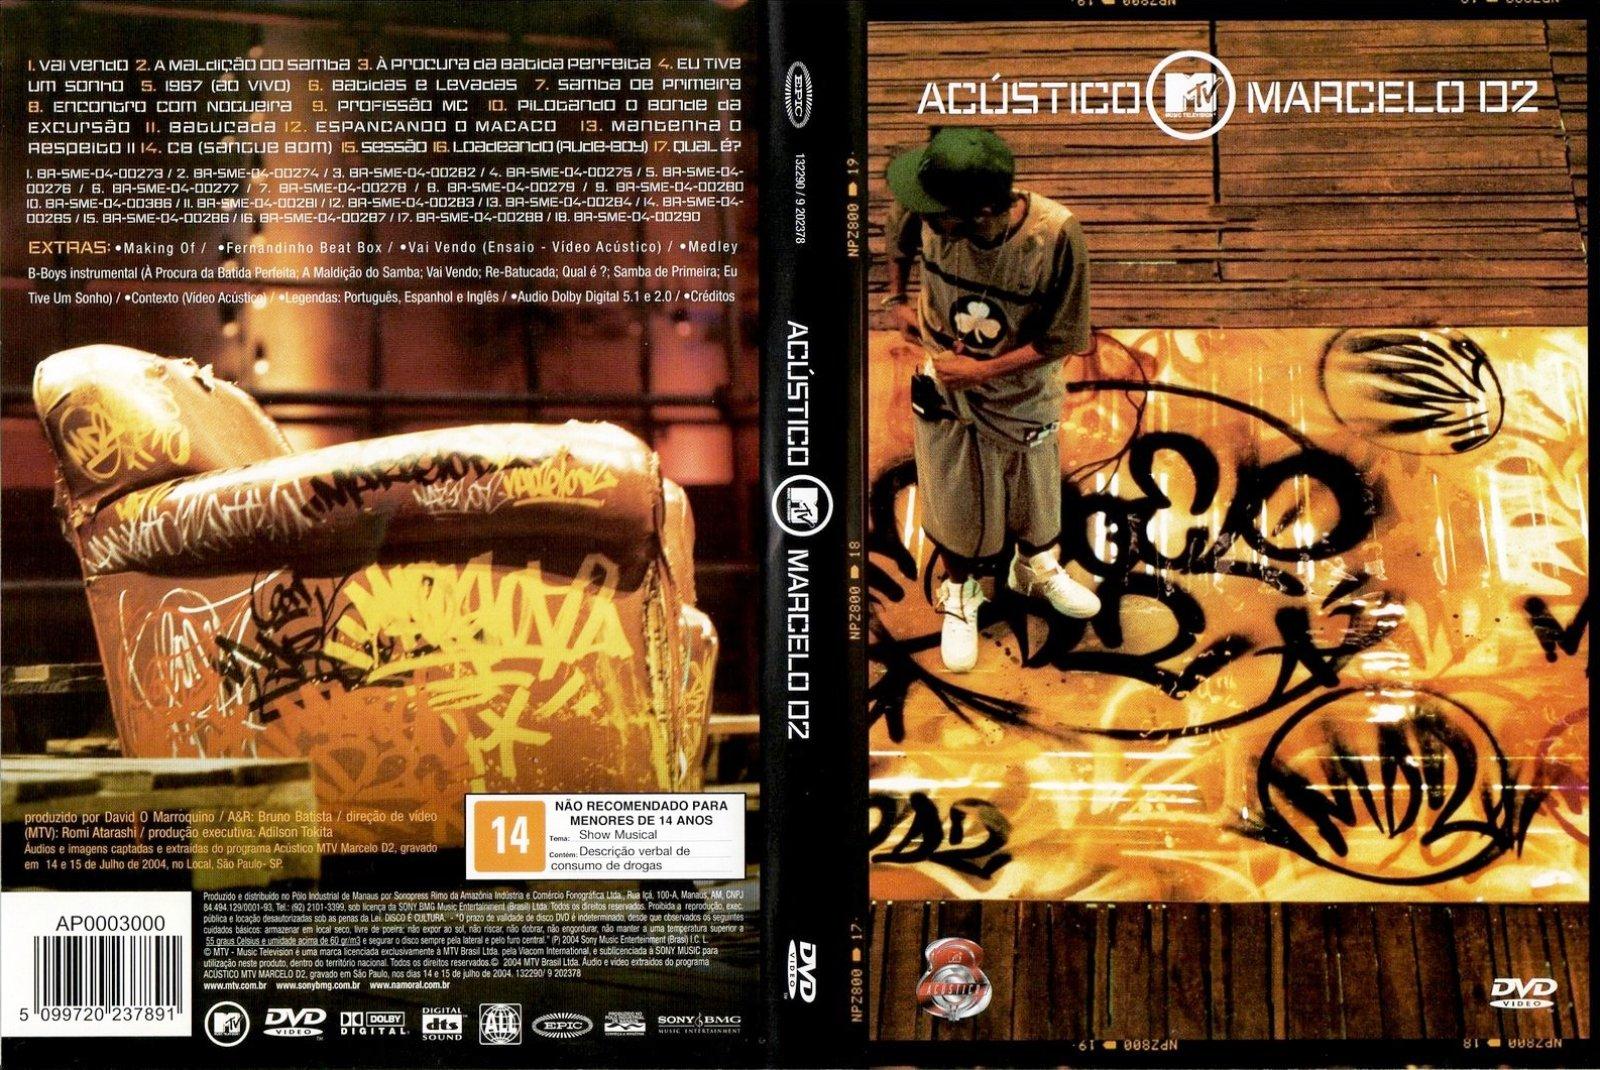 dvd marcelo d2 acustico mtv